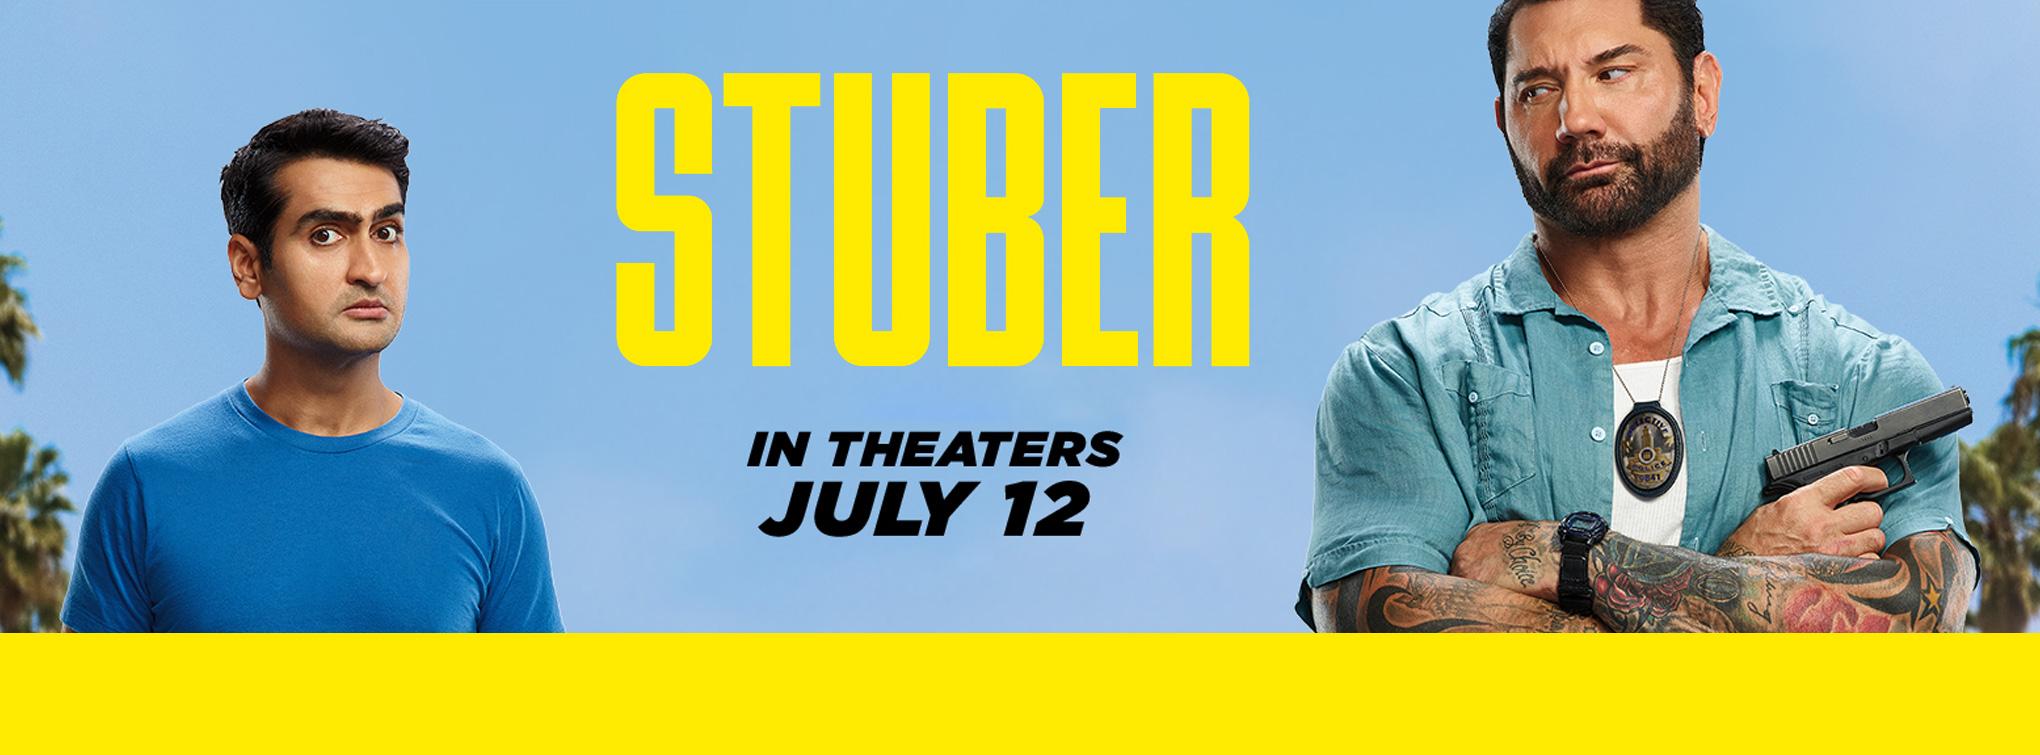 Slider image for Stuber